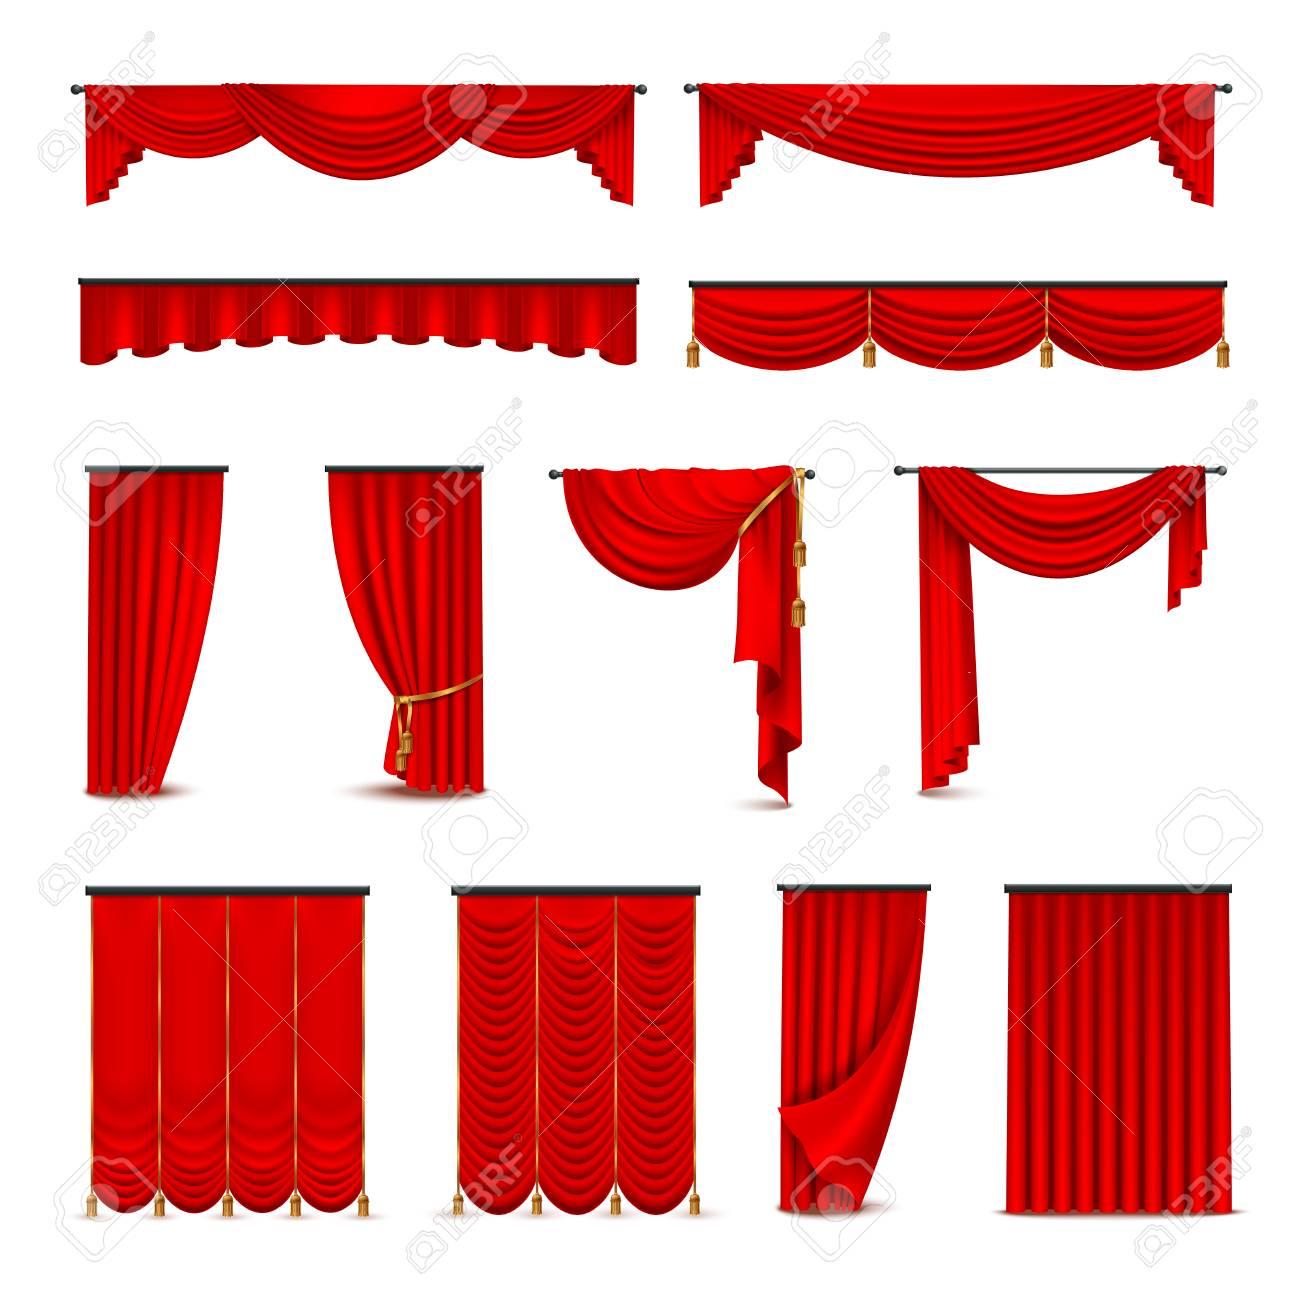 Interieur Ideeen Gordijnen.Luxe Scharlaken Rode Zijde Fluwelen Gordijnen En Draperieen Interieur Ontwerp Ideeen Realistische Pictogrammen Collectie Geisoleerd Vector Illustratie